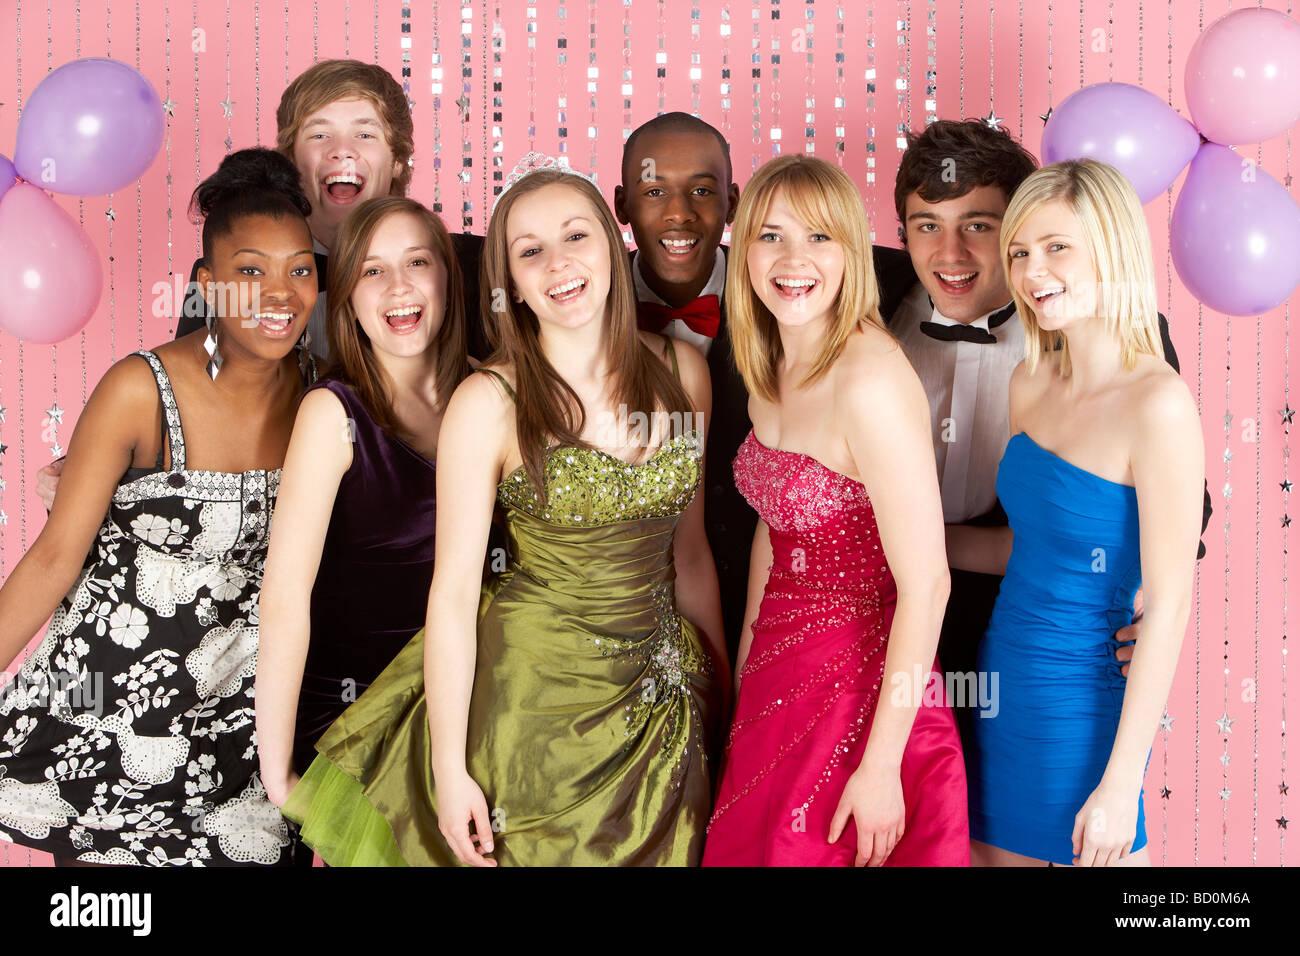 Groupe d'amis adolescents habillés pour Prom Photo Stock